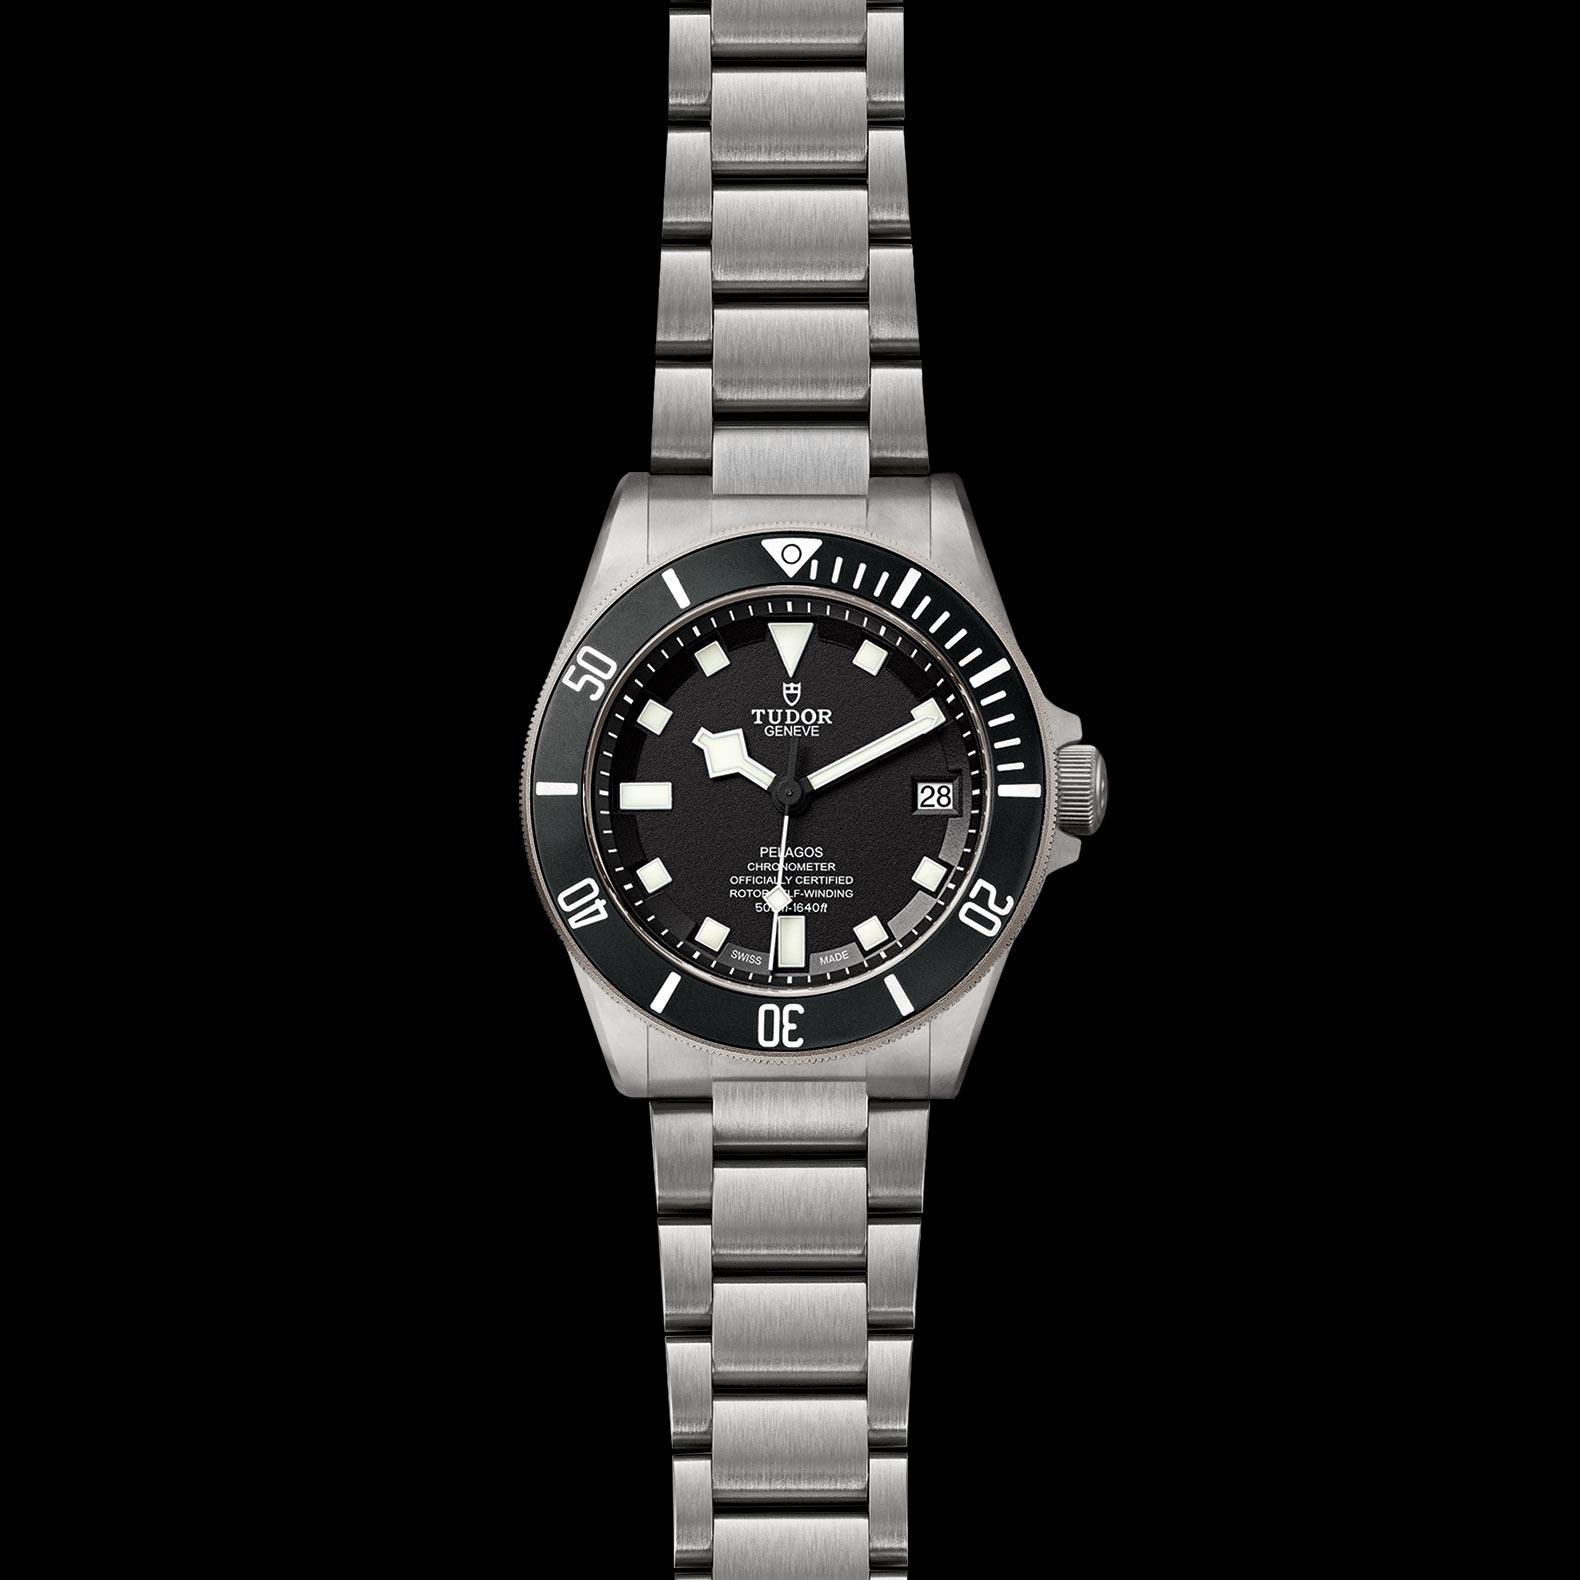 Reloj Tudor Pelagos Automático en titanio con esfera color negro. Bisel en cerámica, indicador de fecha y válvula de escape de helio.